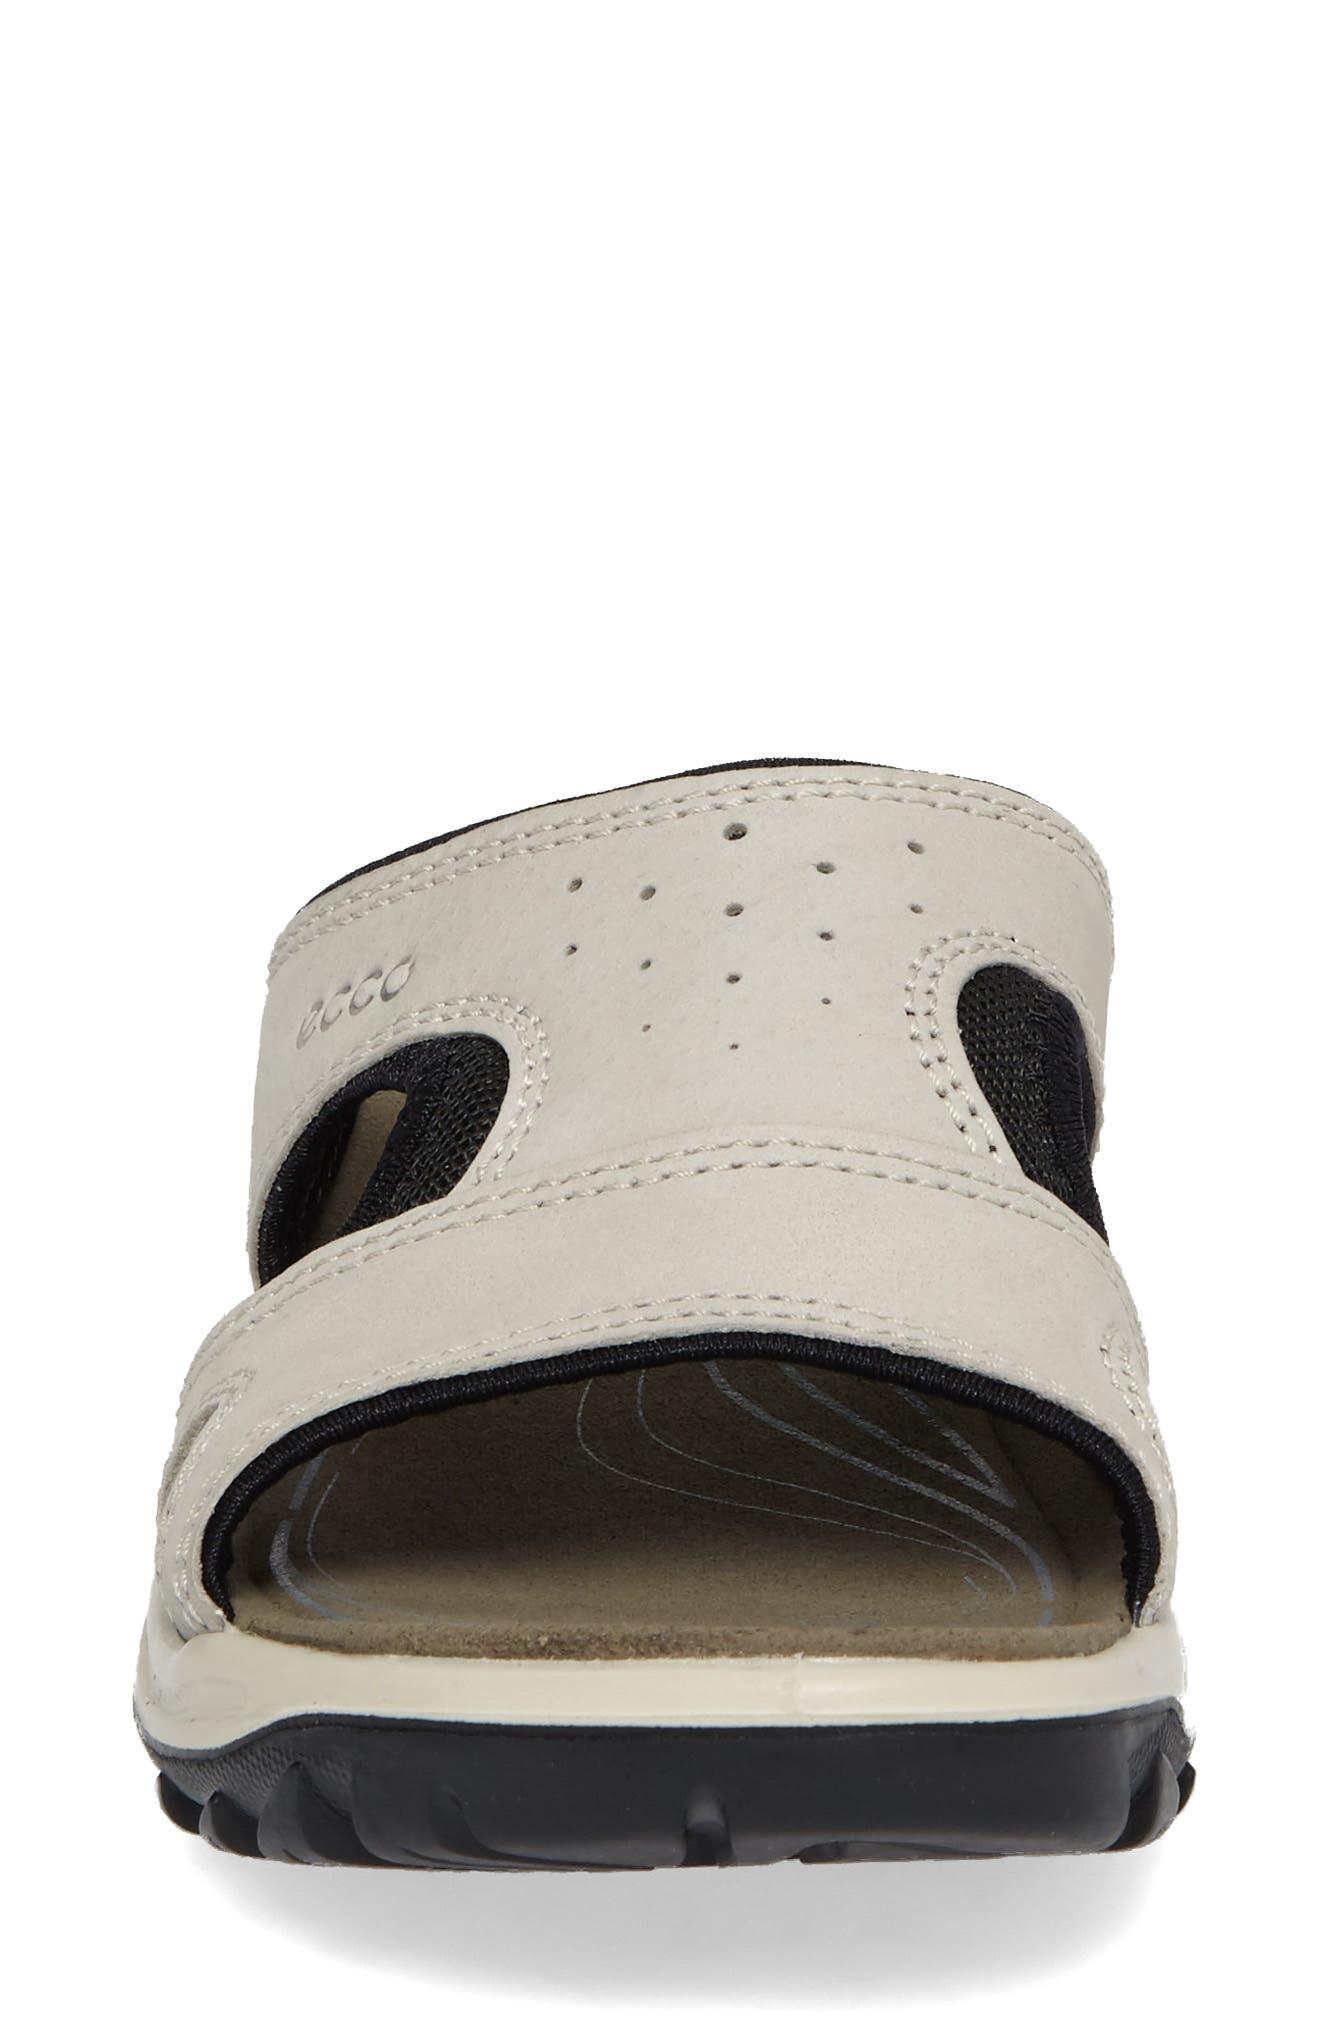 ,                             Offroad Lite Slide Sandal,                             Alternate thumbnail 4, color,                             GRAVEL/ BLACK LEATHER